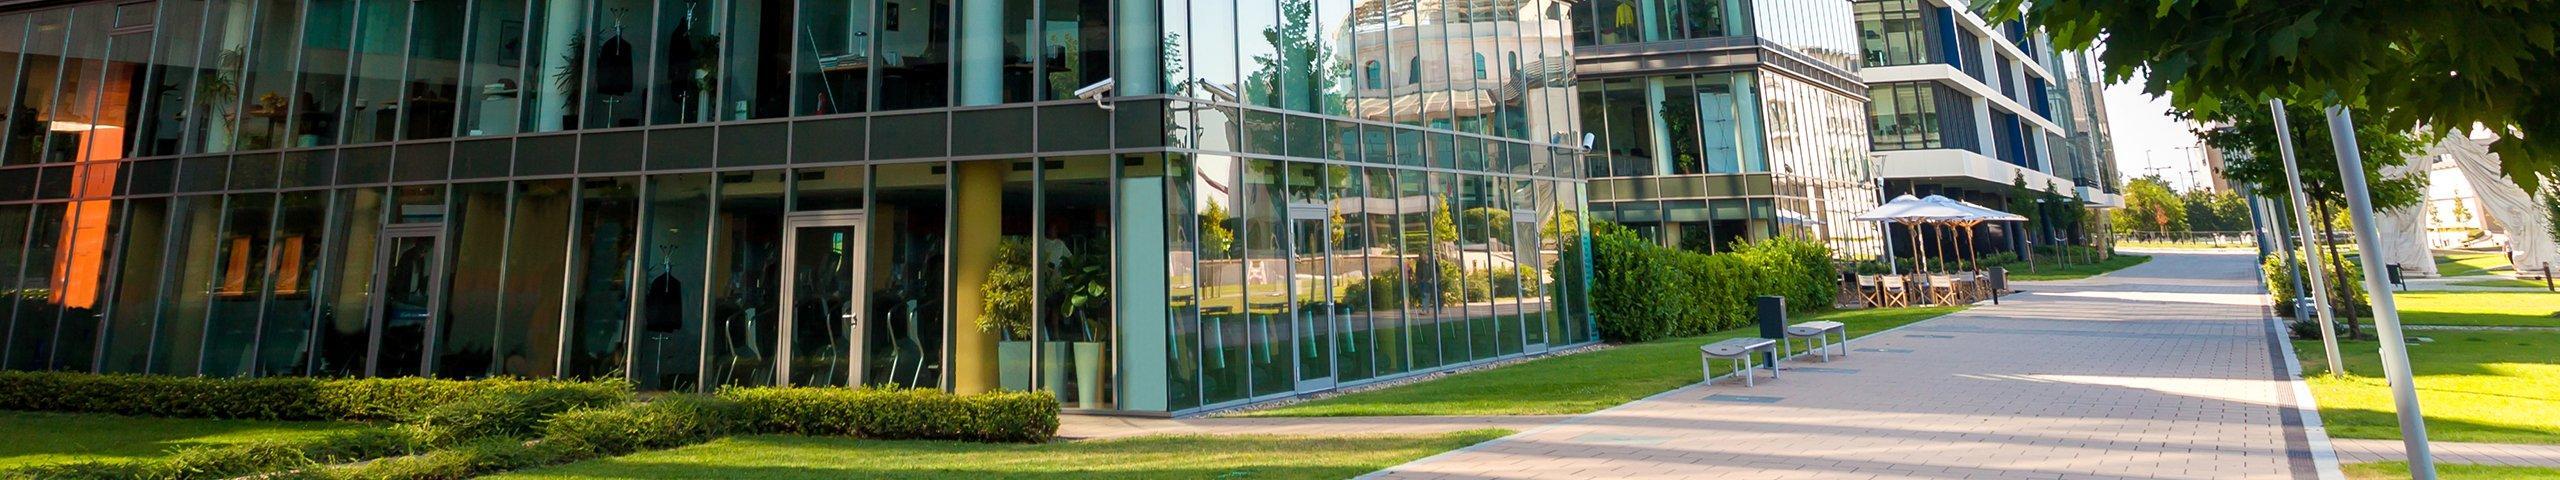 commercial building in orlando florida